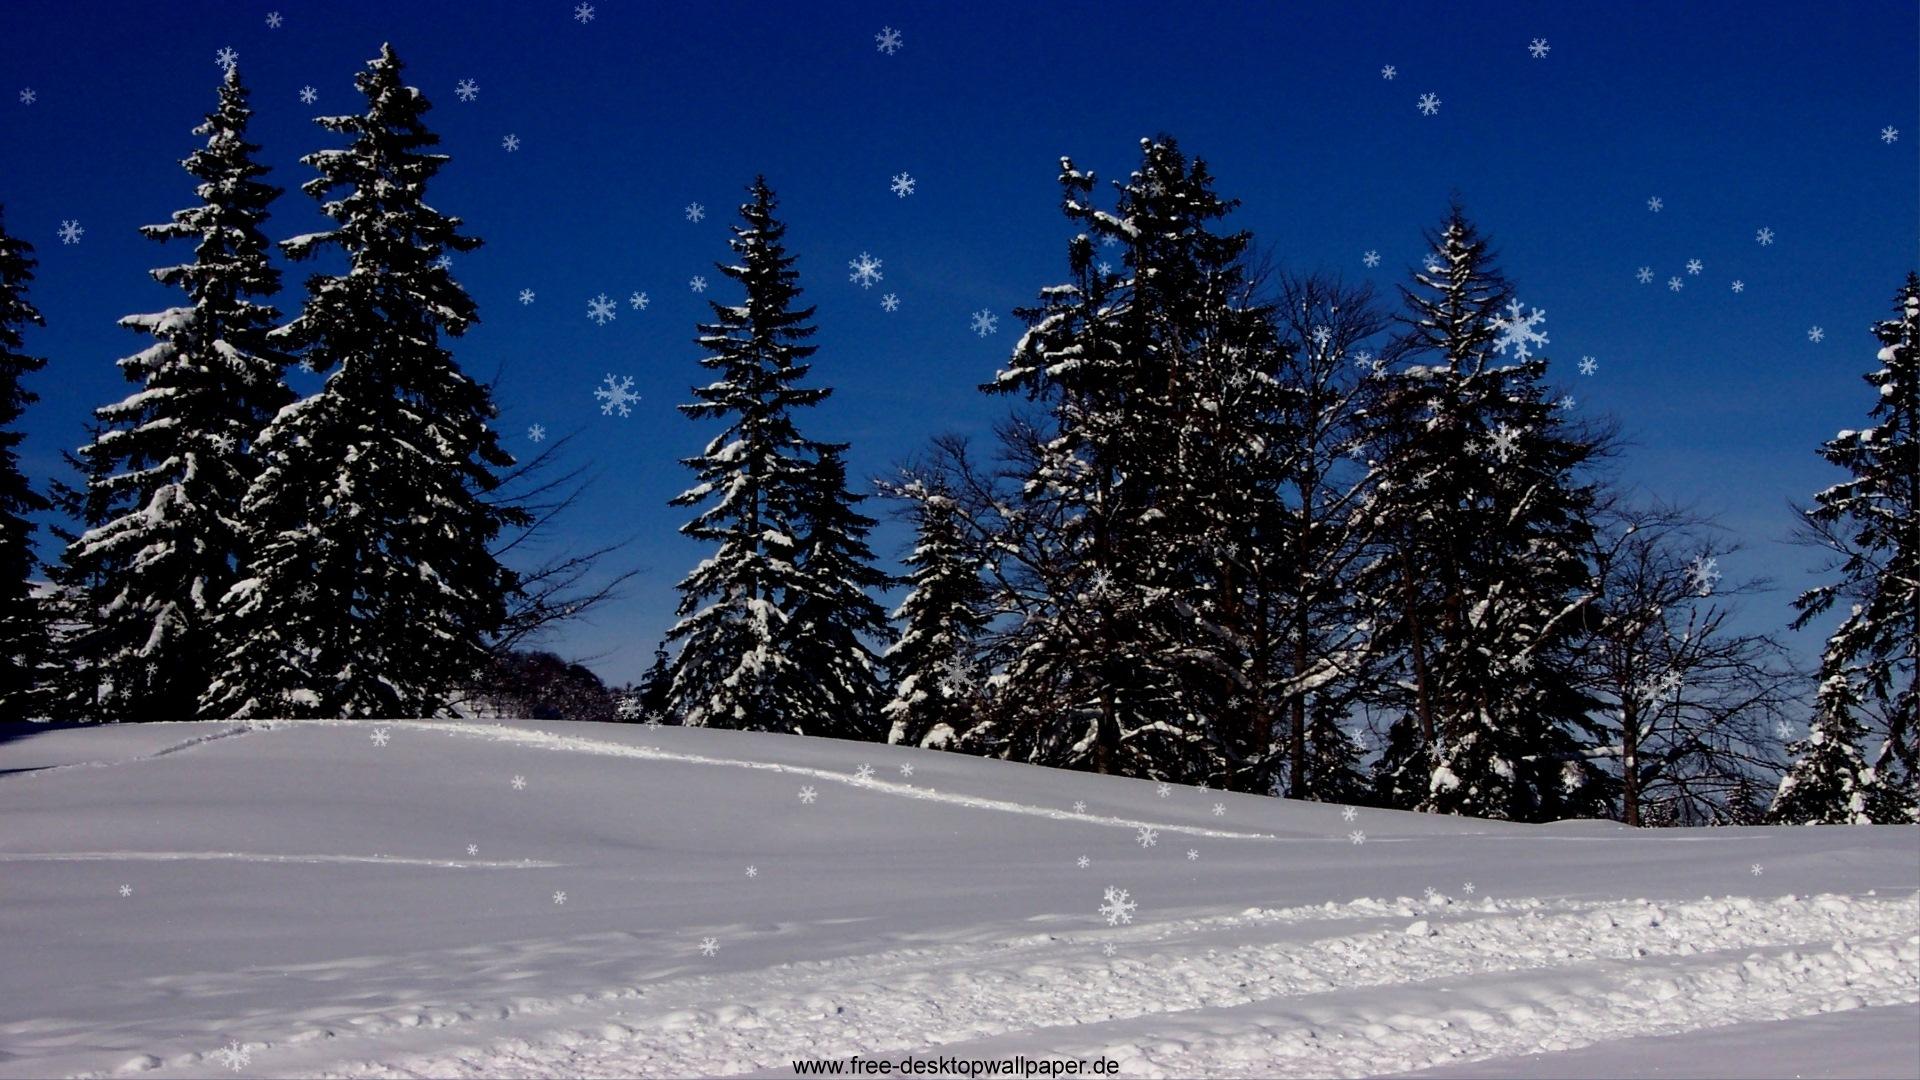 Nature Christmas Snow Widescreen 1920x1080 Desktop Wallpaper 1920x1080